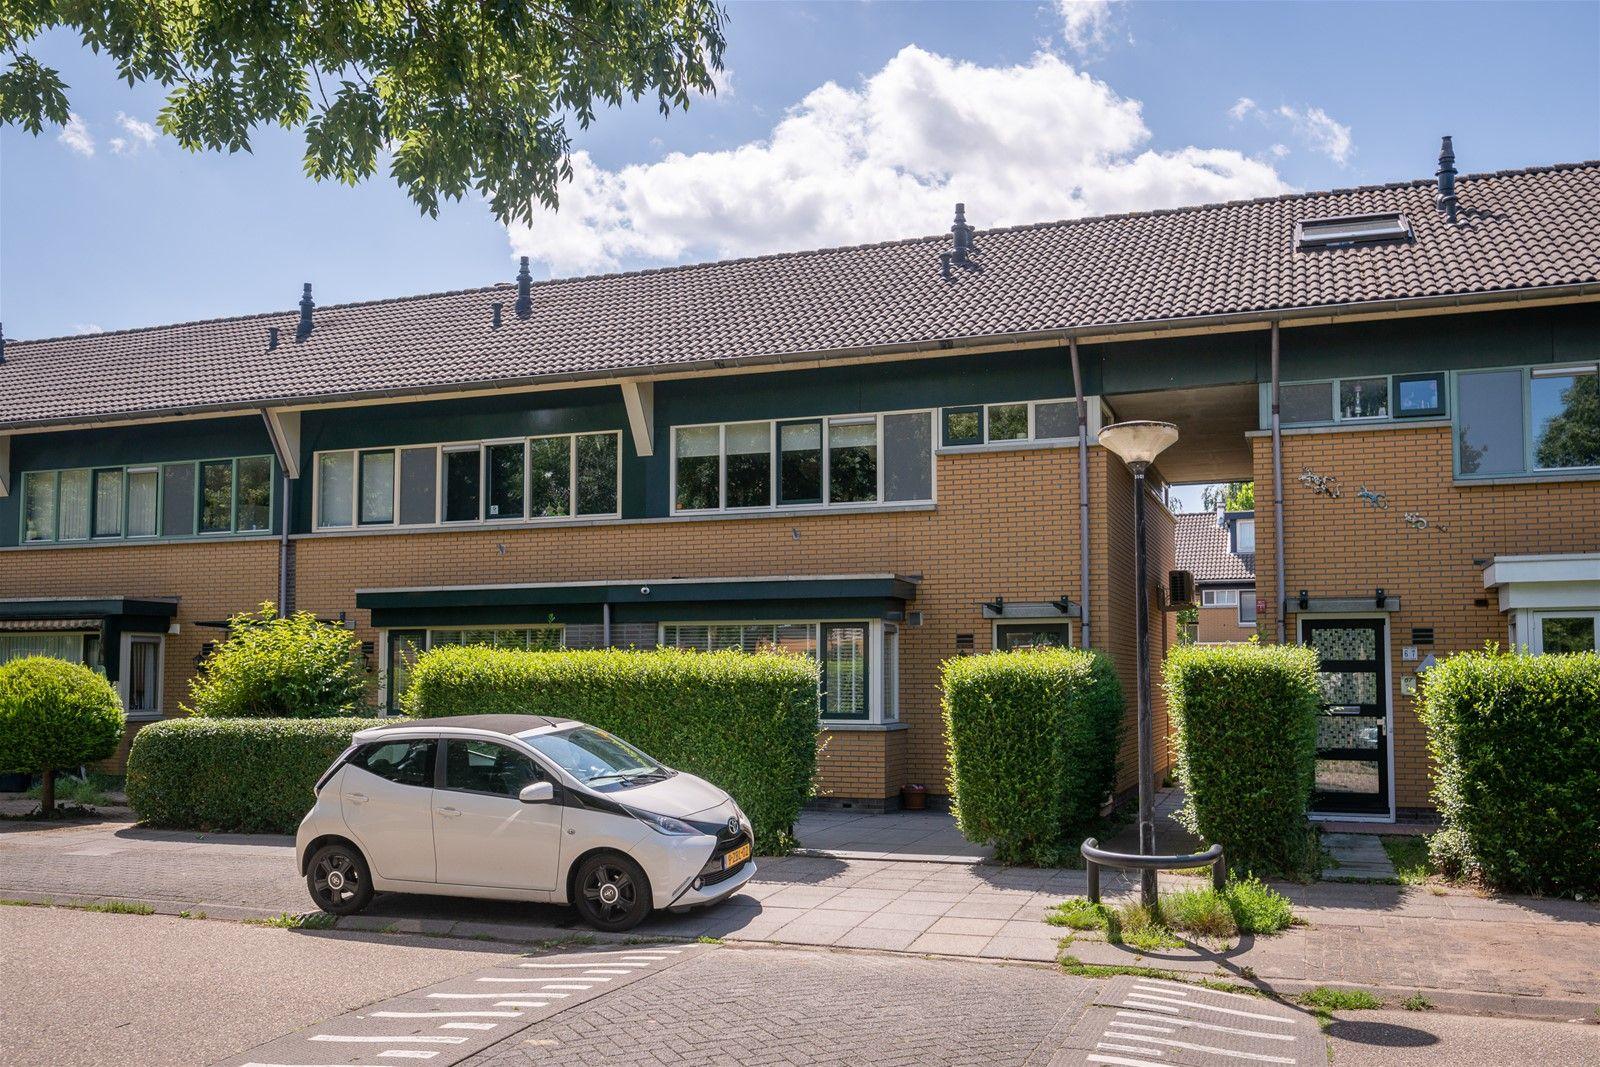 Junistraat 65, Almere